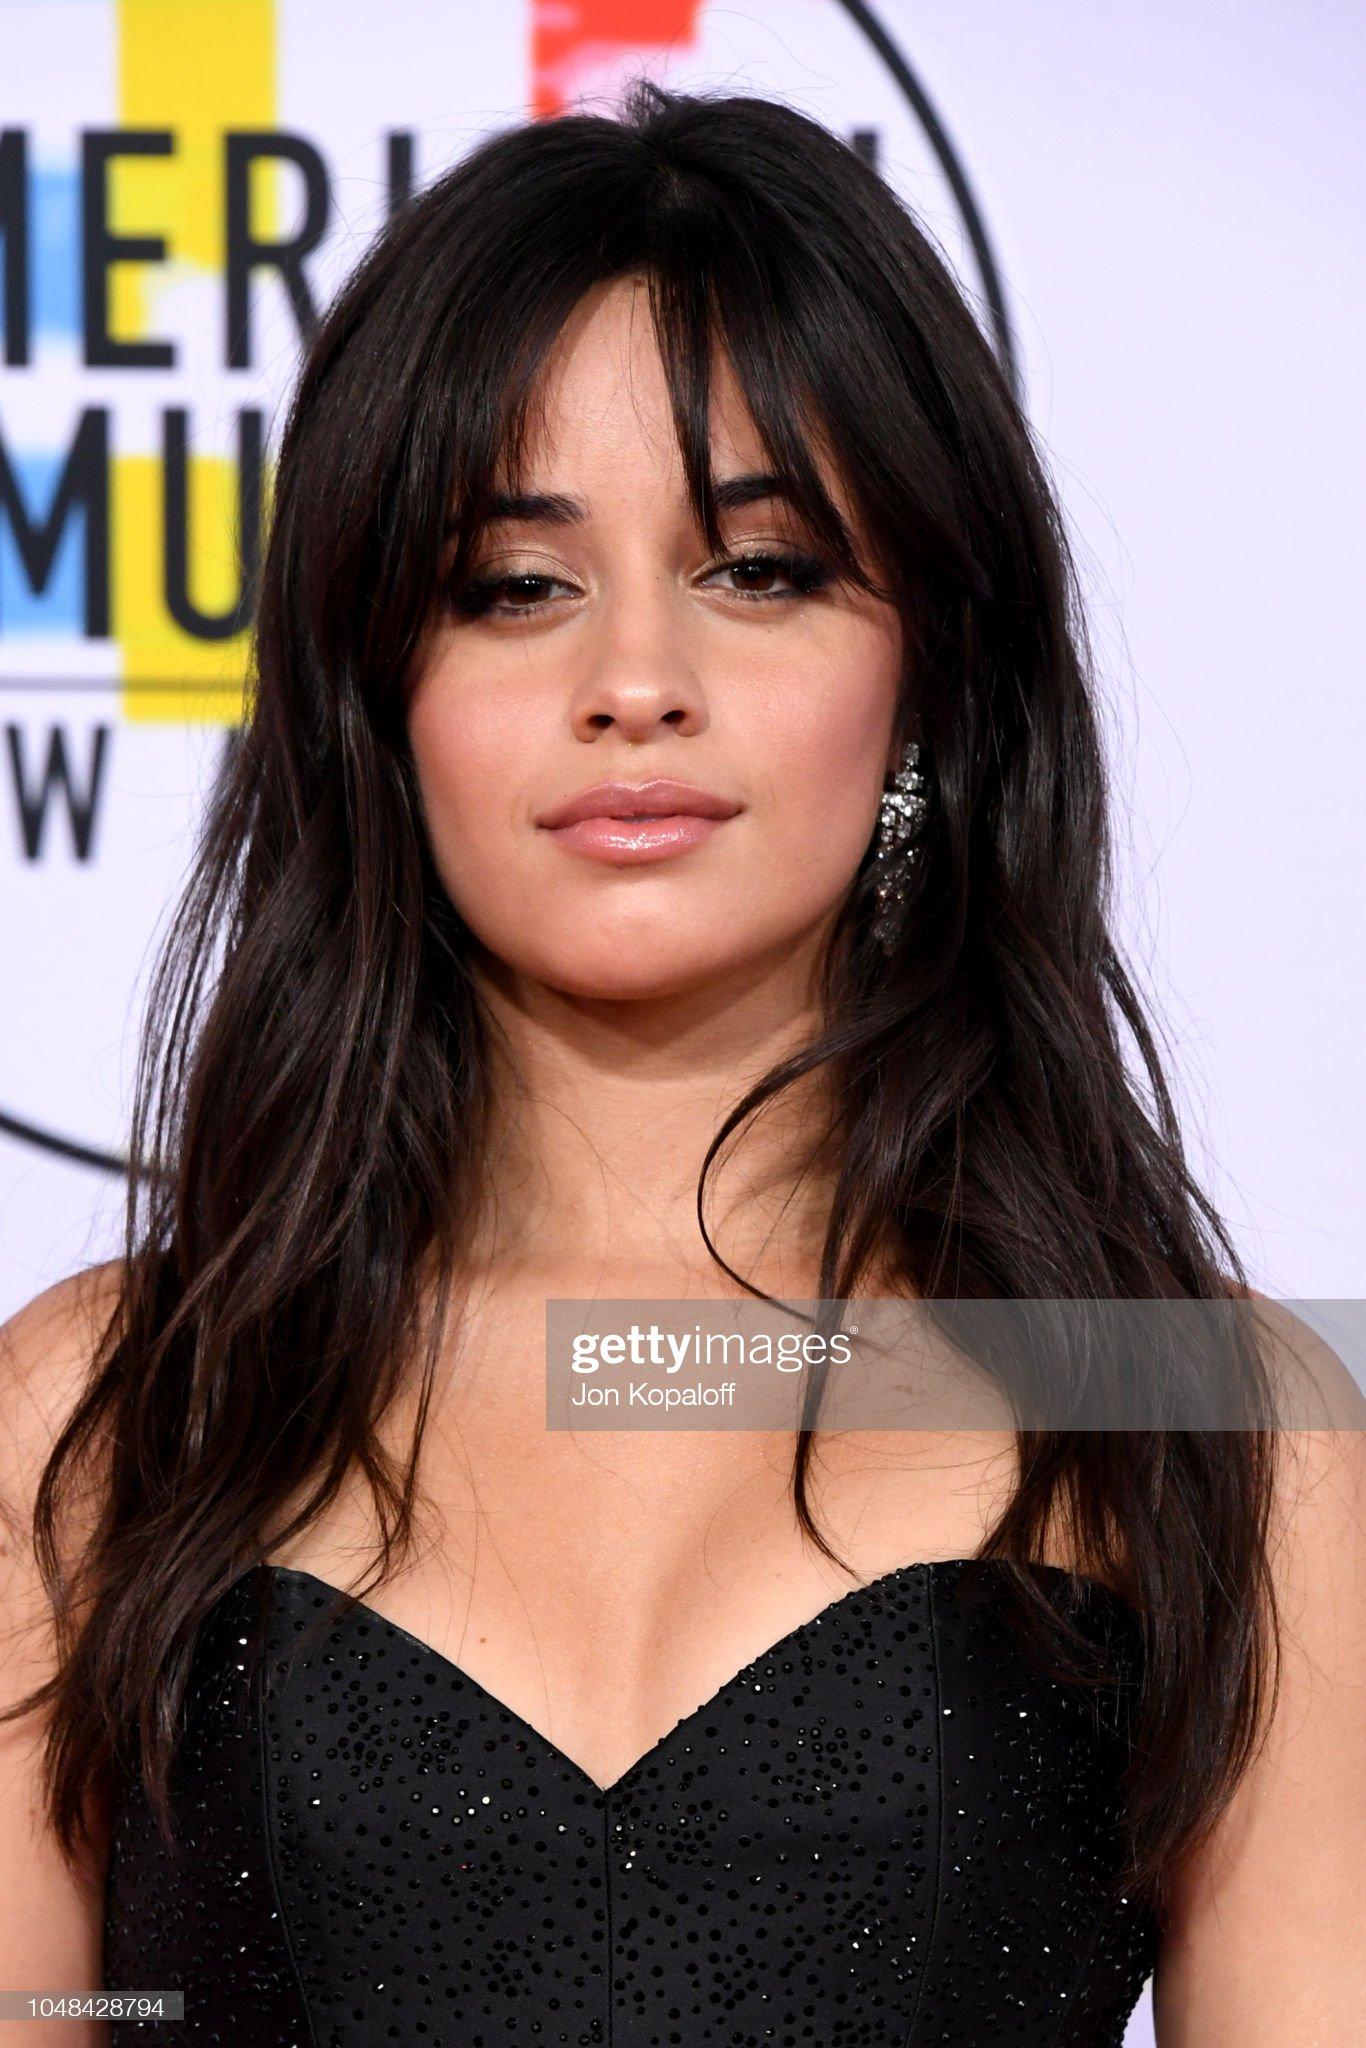 Ojos marrones - Personas famosas con los ojos de color MARRÓN Camila-cabello-attends-the-2018-american-music-awards-at-microsoft-picture-id1048428794?s=2048x2048